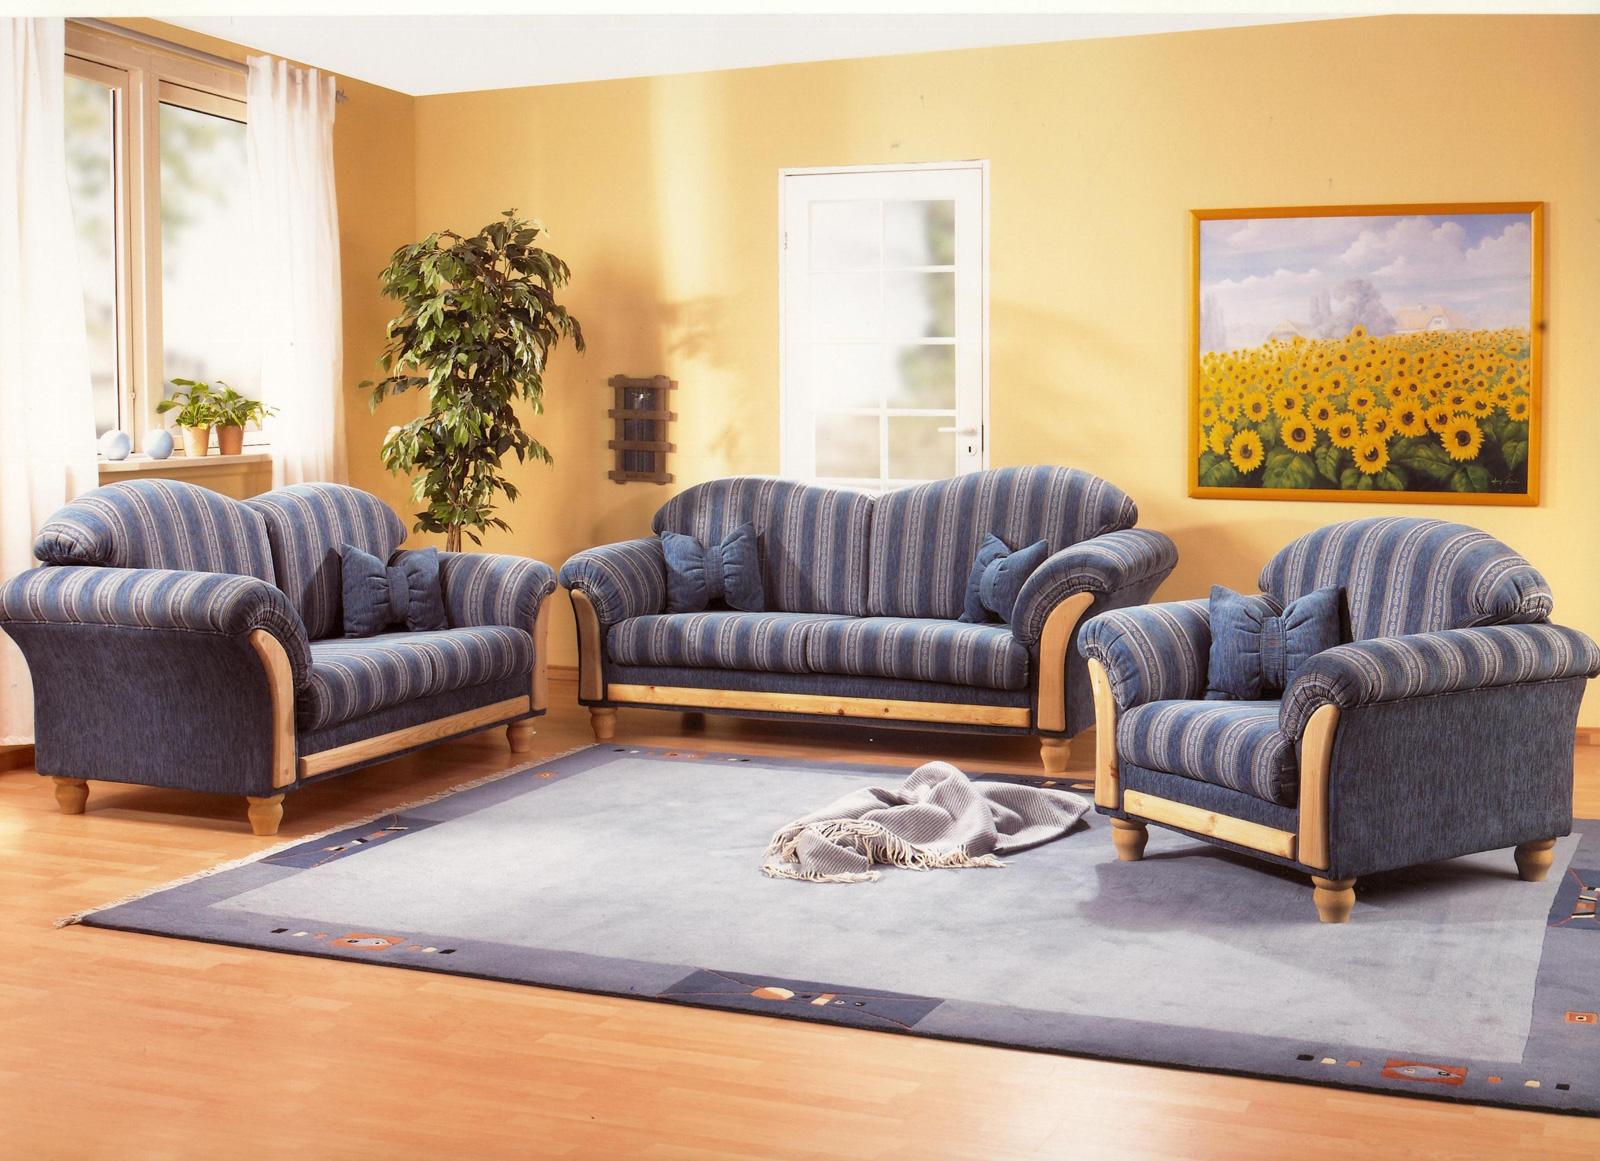 Full Size of Sofa Garnitur Landhaus Esens 2 Kissen Husse Modulares L Mit Schlaffunktion U Form Billig 3er Grau Verstellbarer Sitztiefe Big Kaufen Esszimmer Vitra Verkaufen Sofa Sofa Garnitur